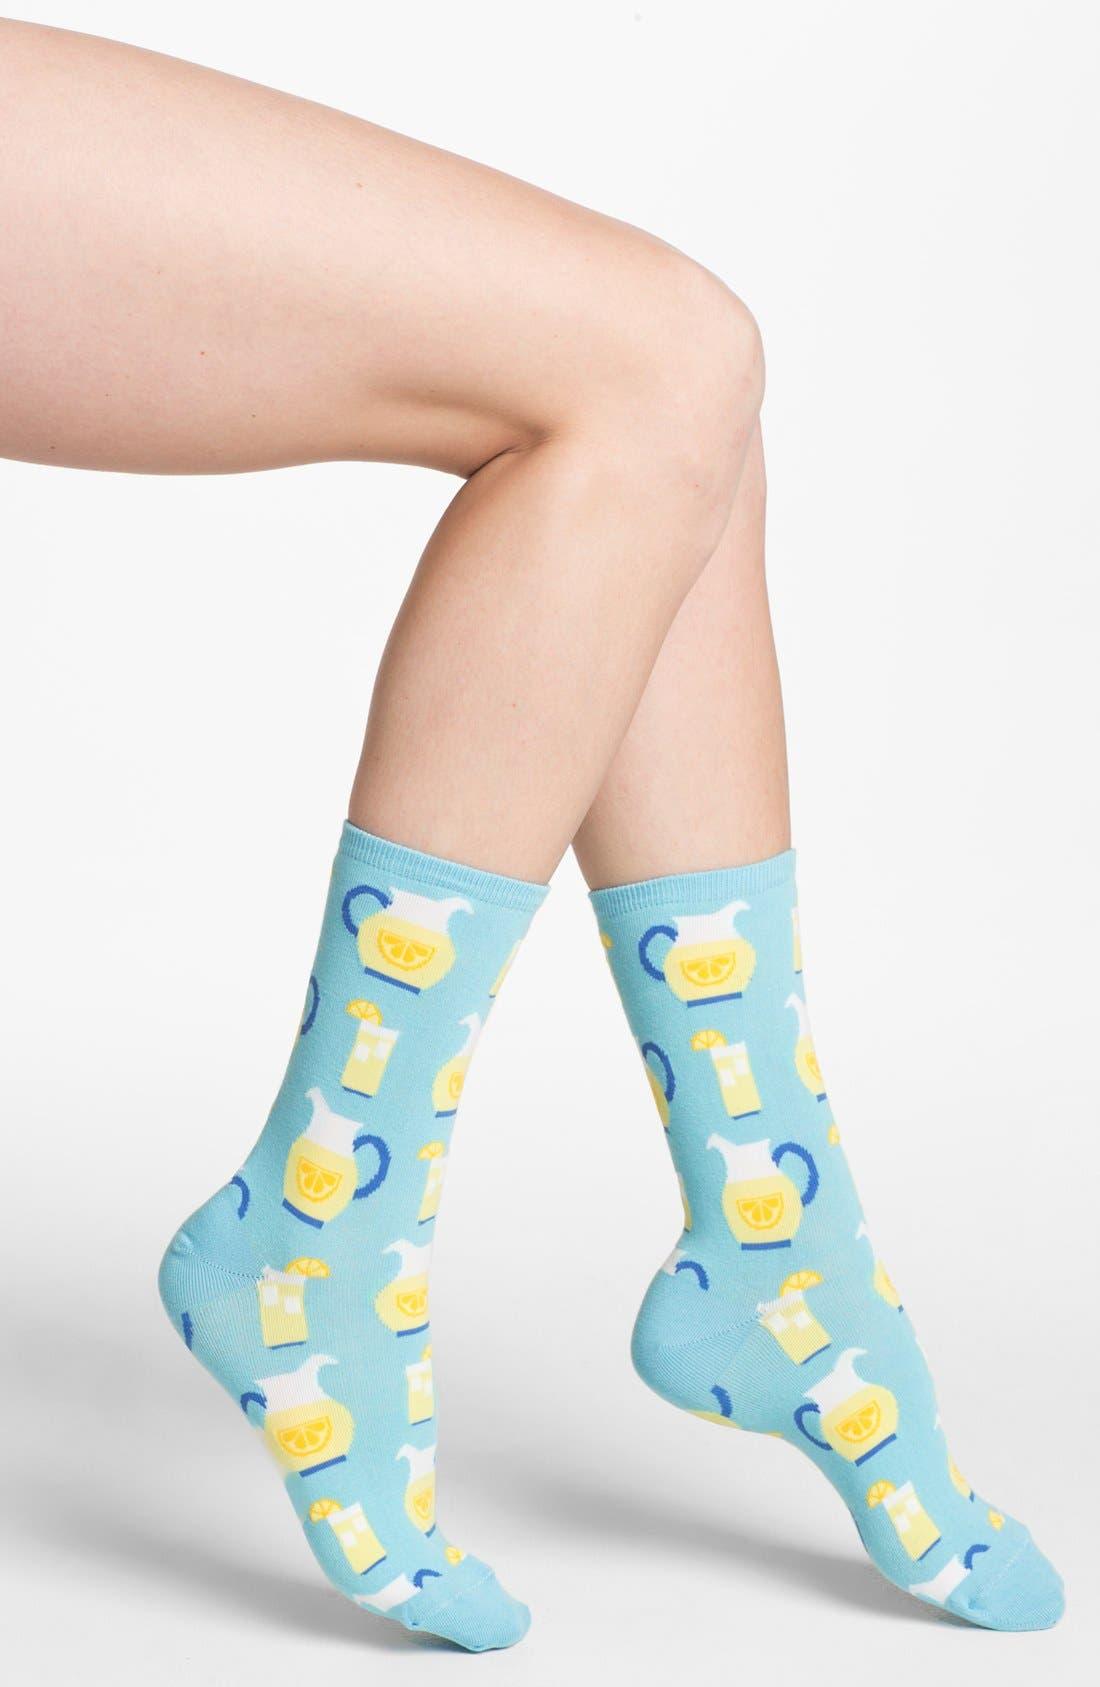 Main Image - Hot Sox 'Lemonade' Socks